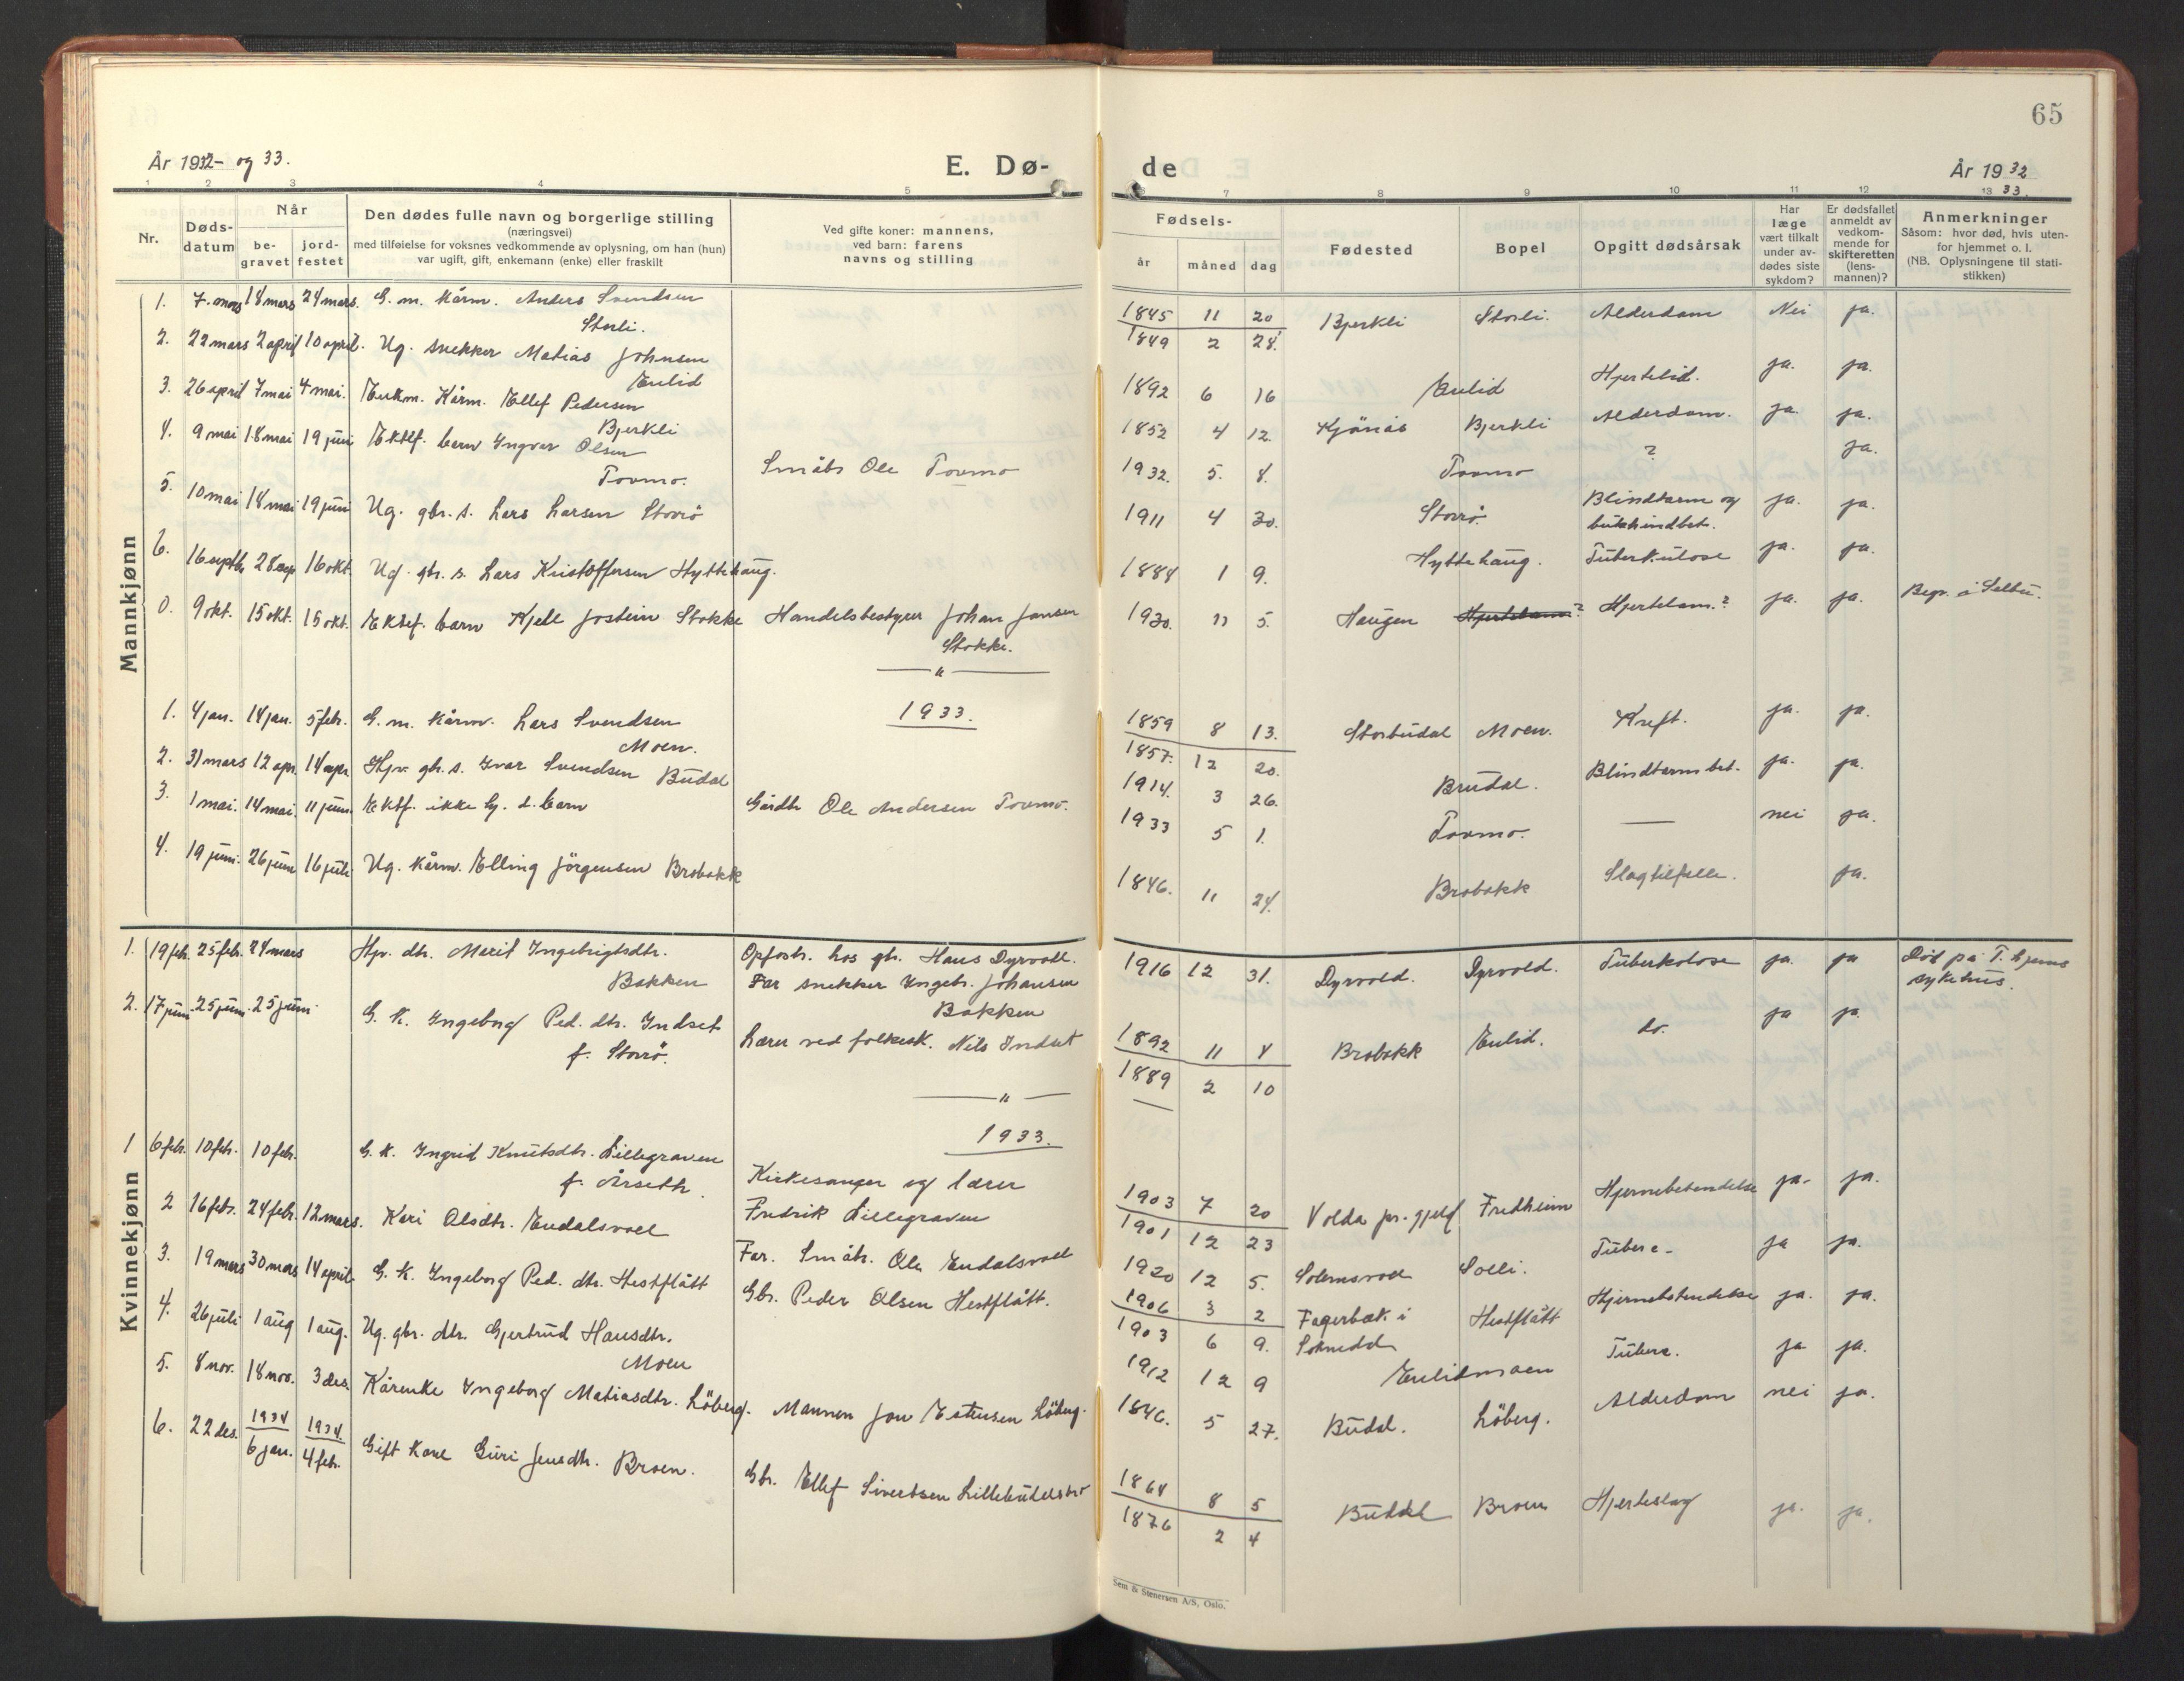 SAT, Ministerialprotokoller, klokkerbøker og fødselsregistre - Sør-Trøndelag, 690/L1053: Klokkerbok nr. 690C03, 1930-1947, s. 65